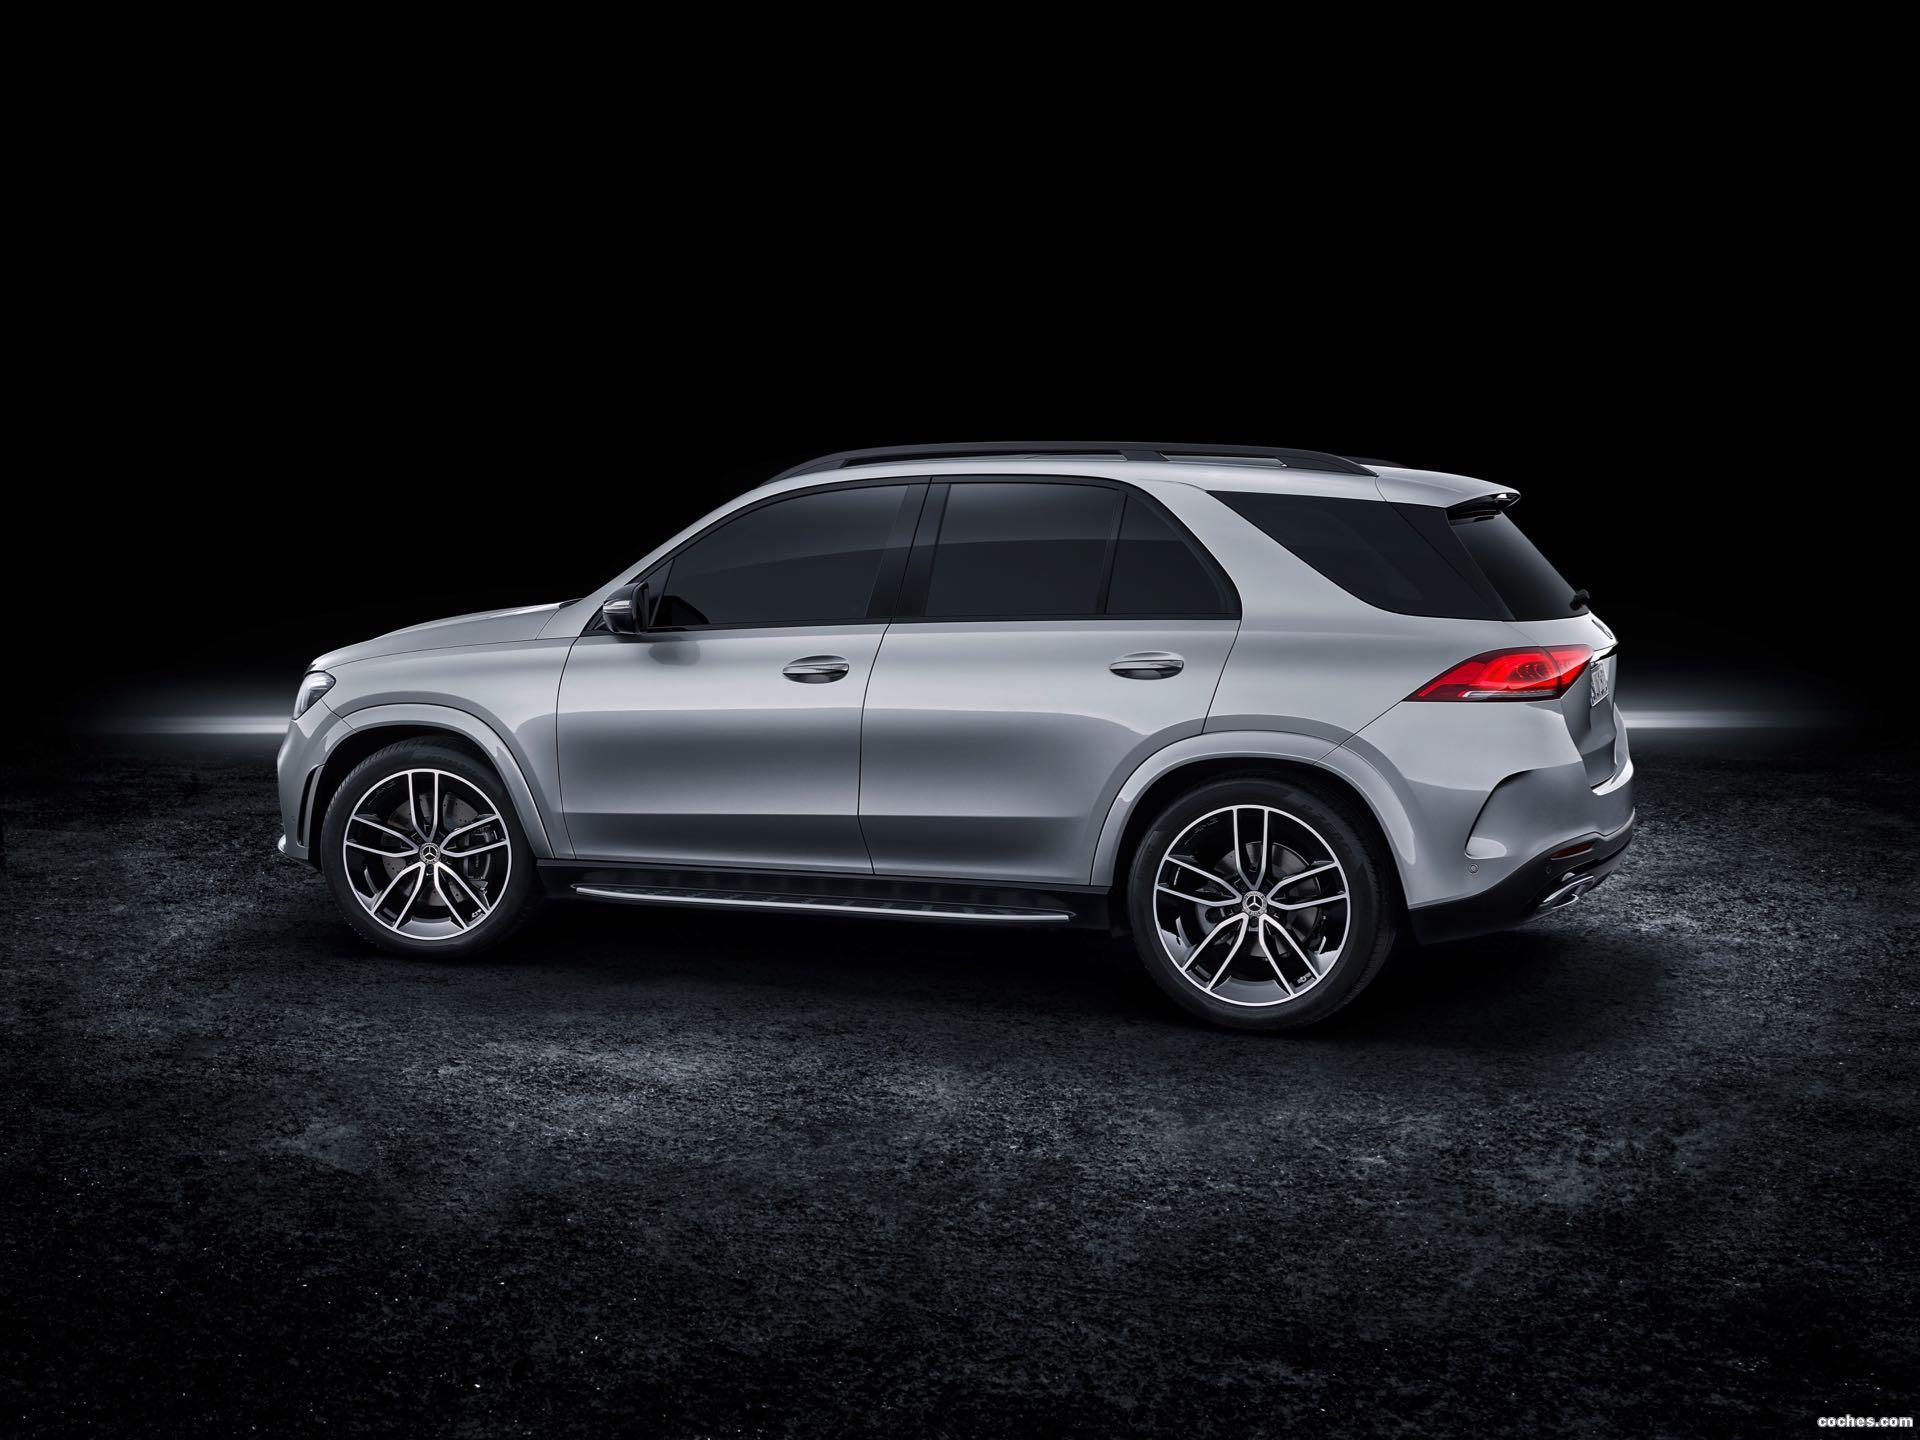 Foto 10 de Mercedes Clase GLE 450 4MATIC 2019